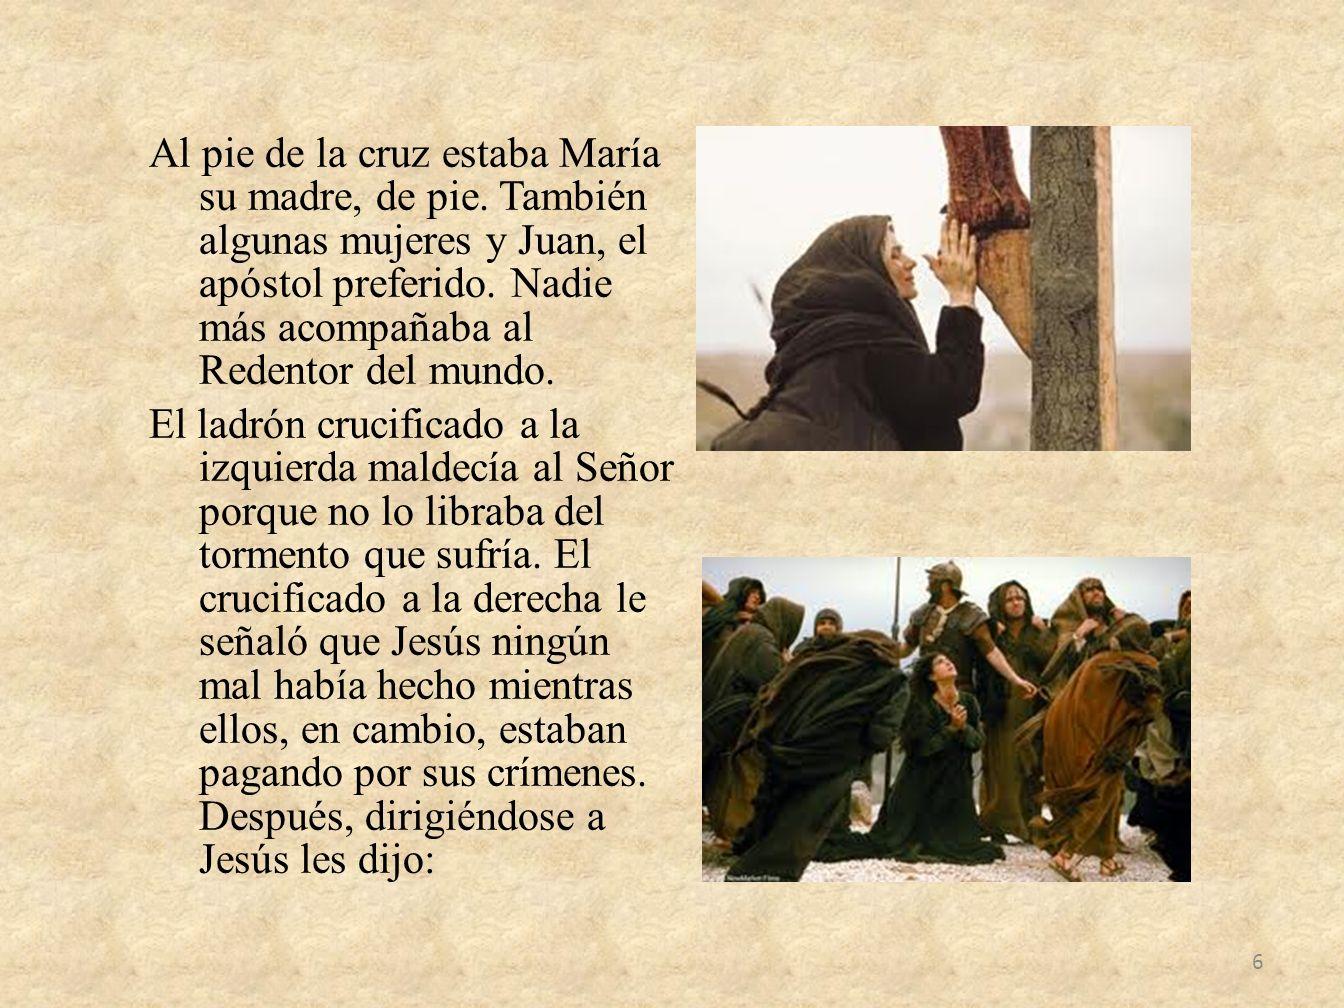 Al pie de la cruz estaba María su madre, de pie